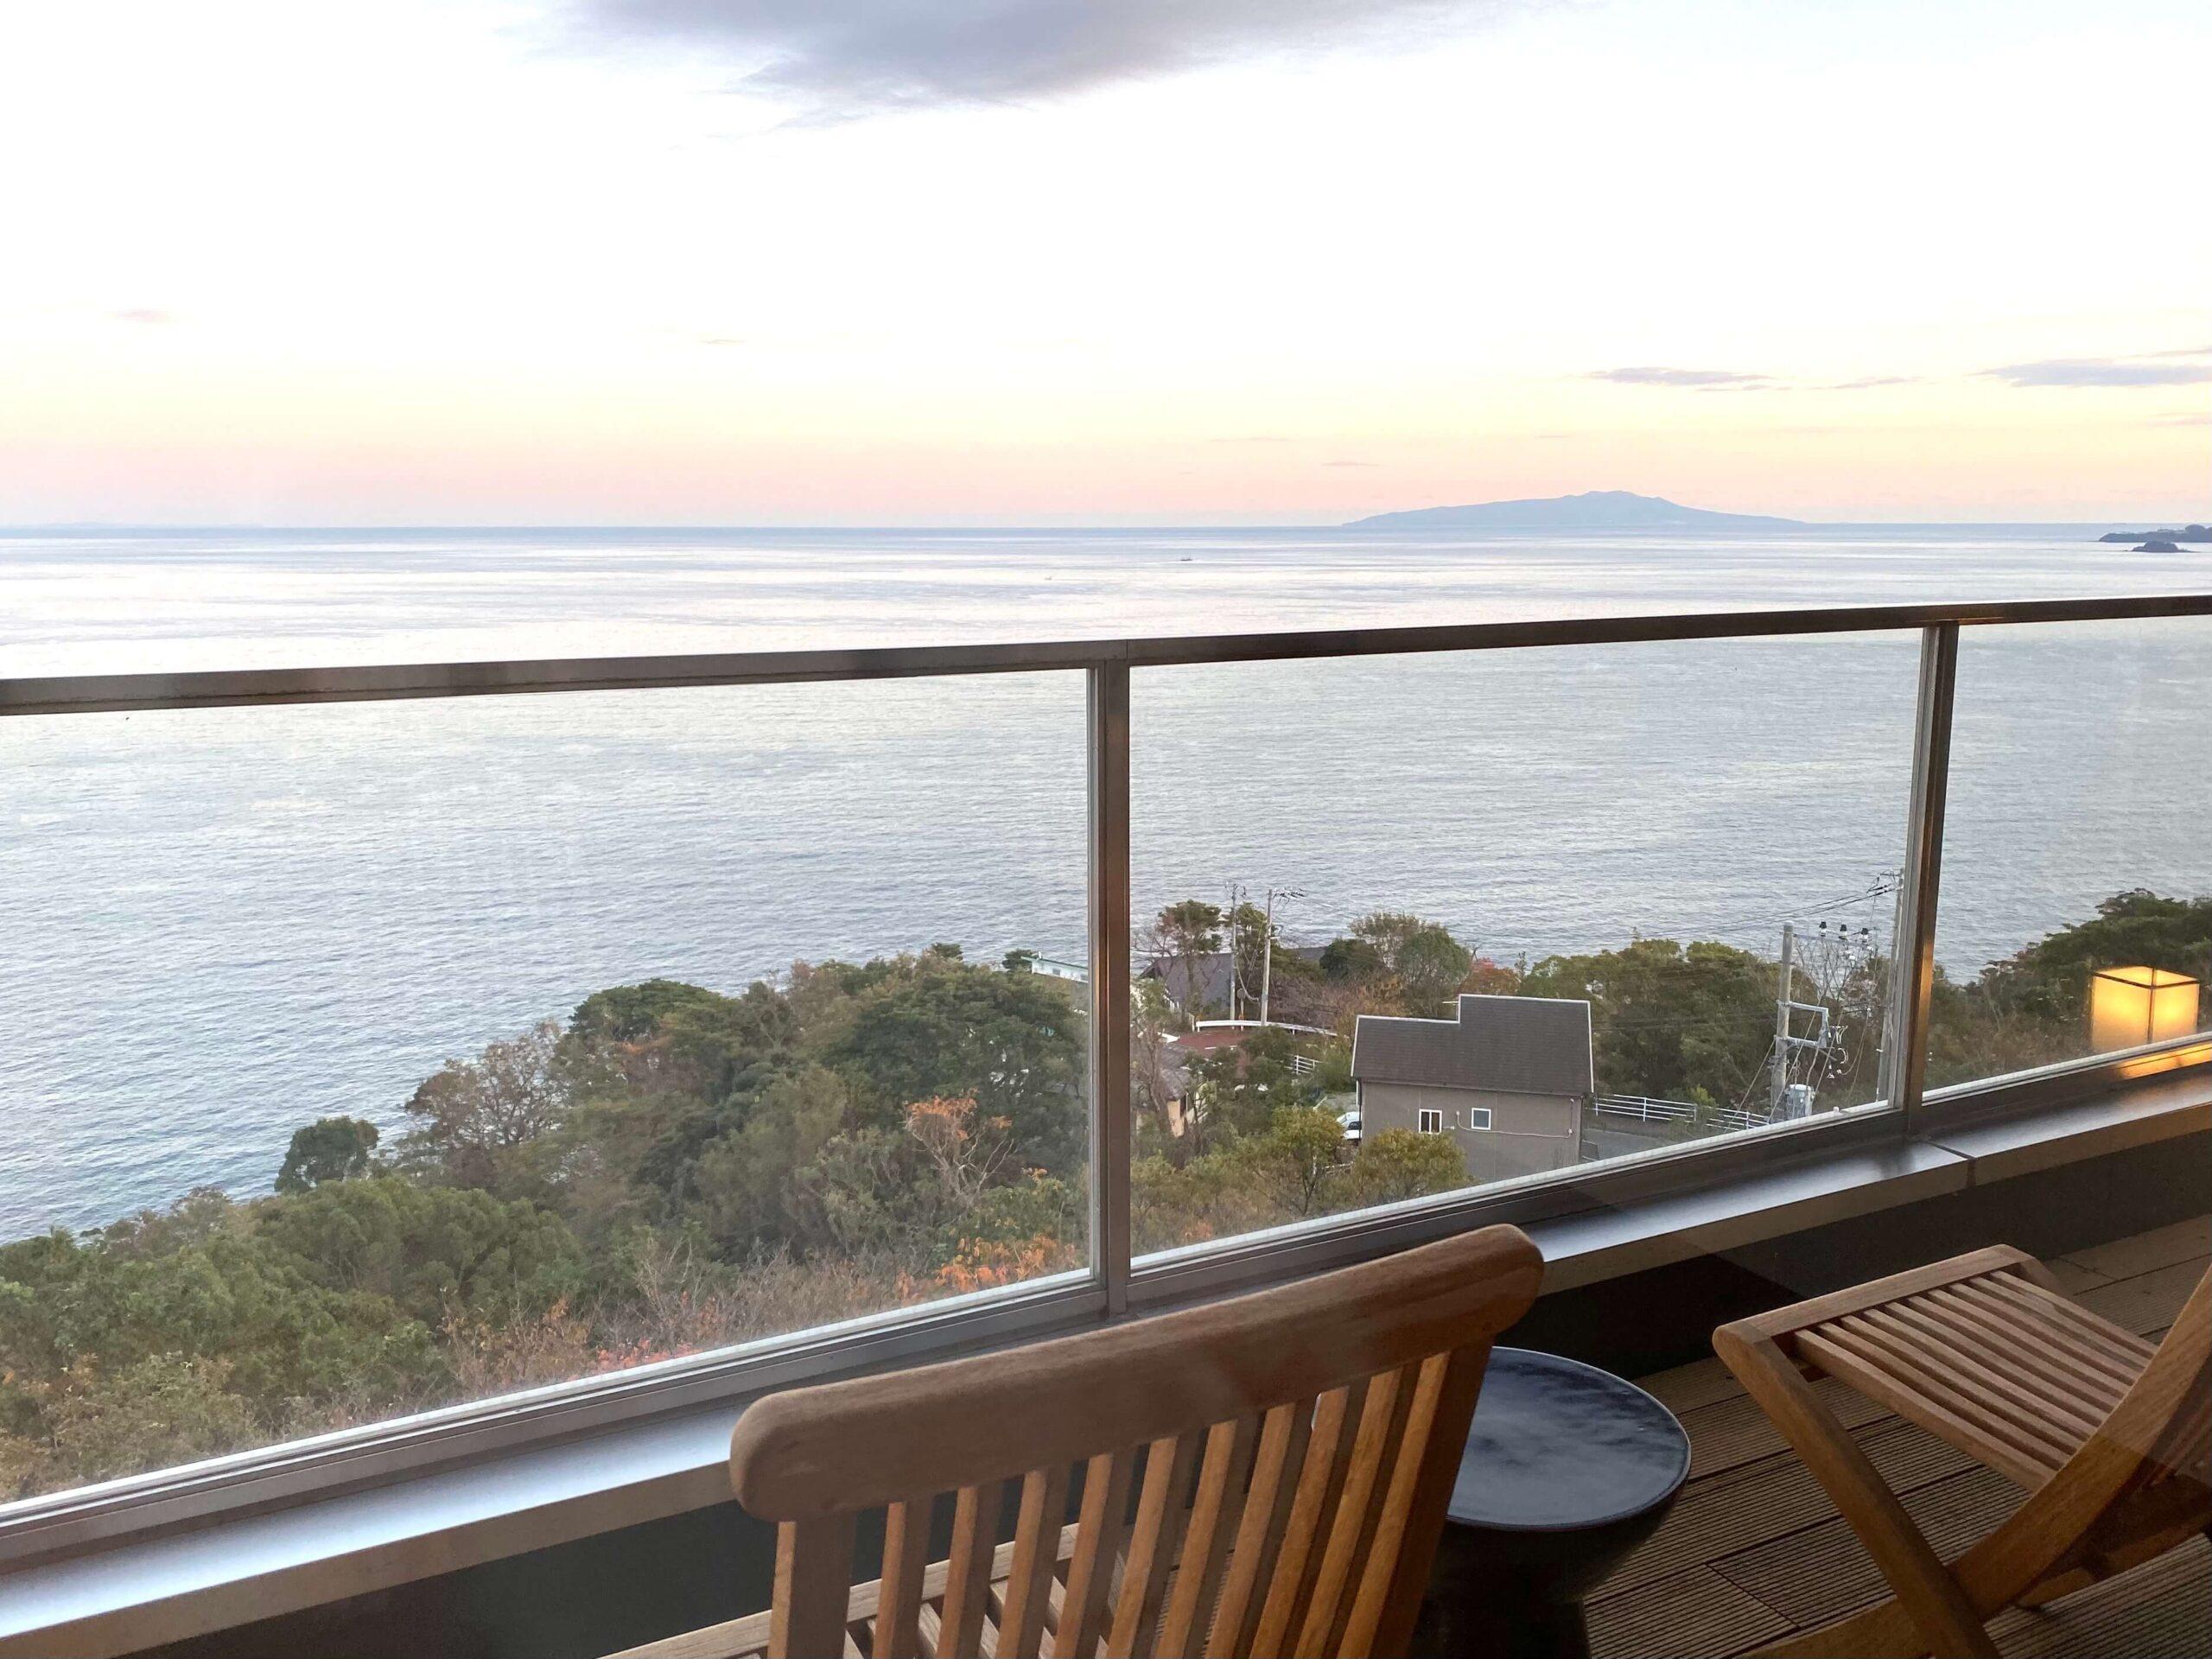 伊豆の高級旅館:熱海さんがの客室からの眺望(慶太ブログ)